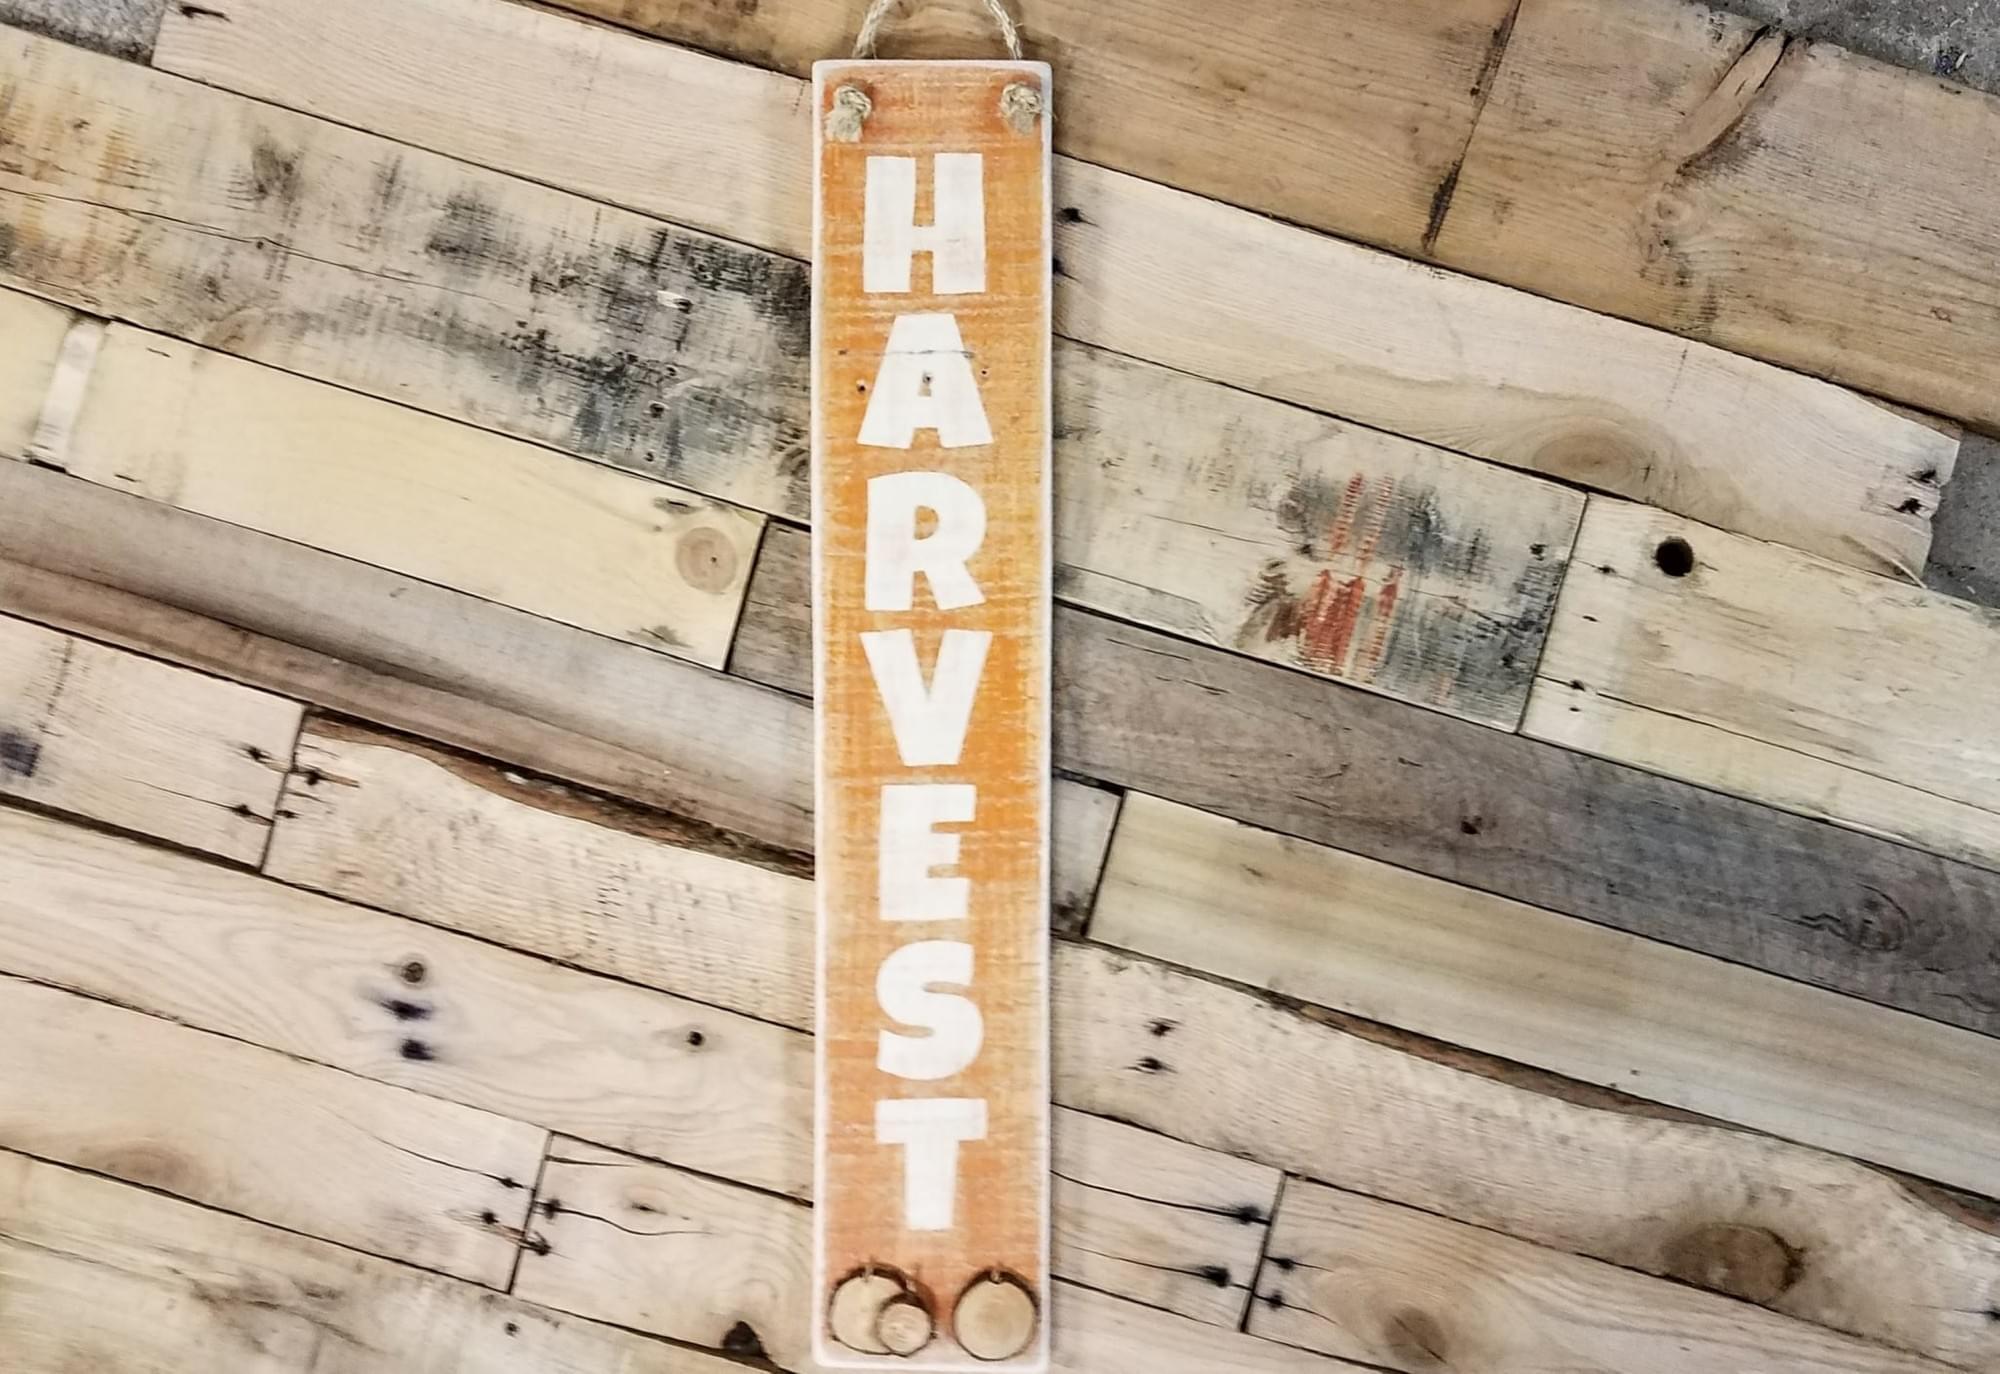 Harvest-Vertical Wood Sign